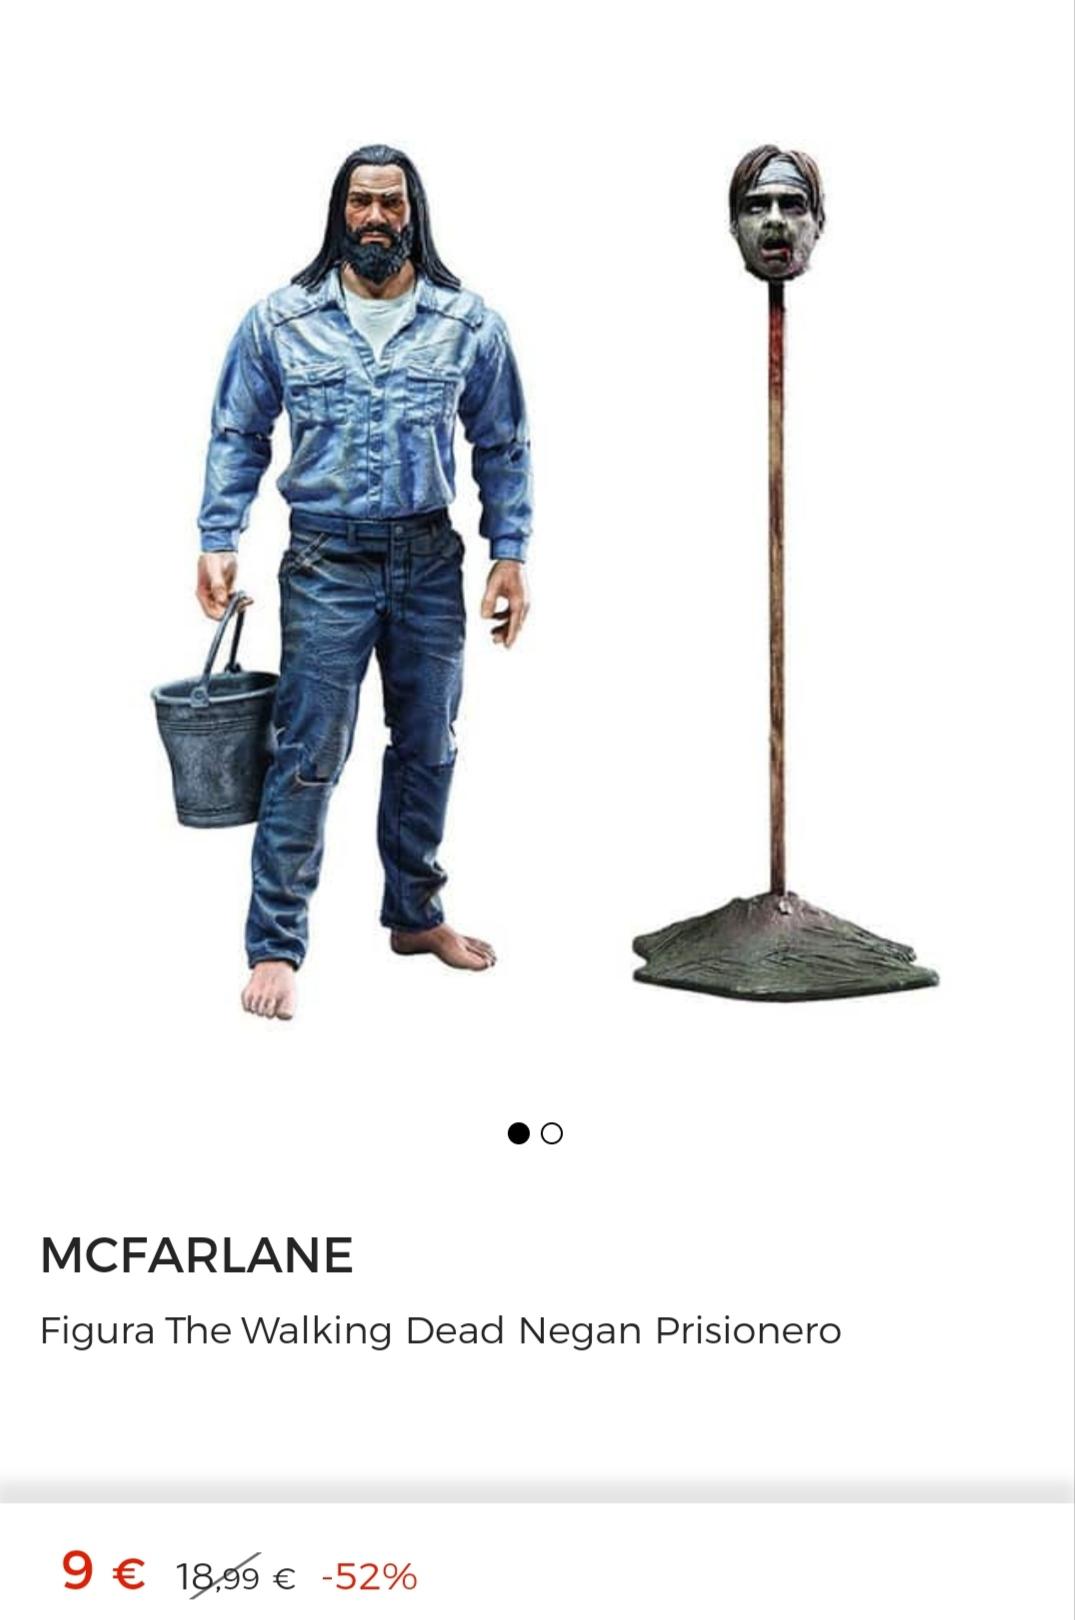 Figuras de The Walking Dead ECI